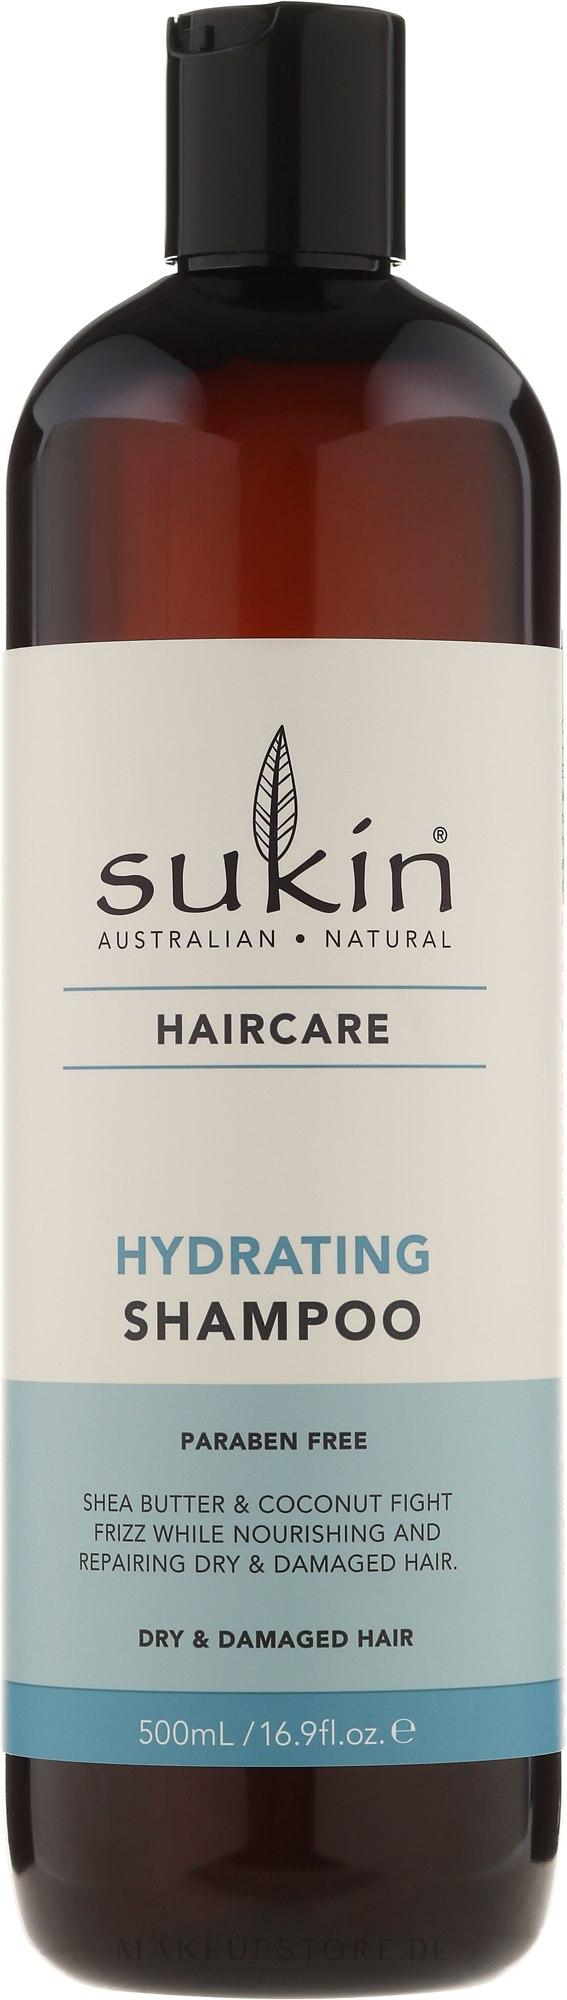 Feuchtigkeitsspendendes Shampoo für trockenes und strapaziertes Haar - Sukin Hydrating Shampoo — Bild 500 ml